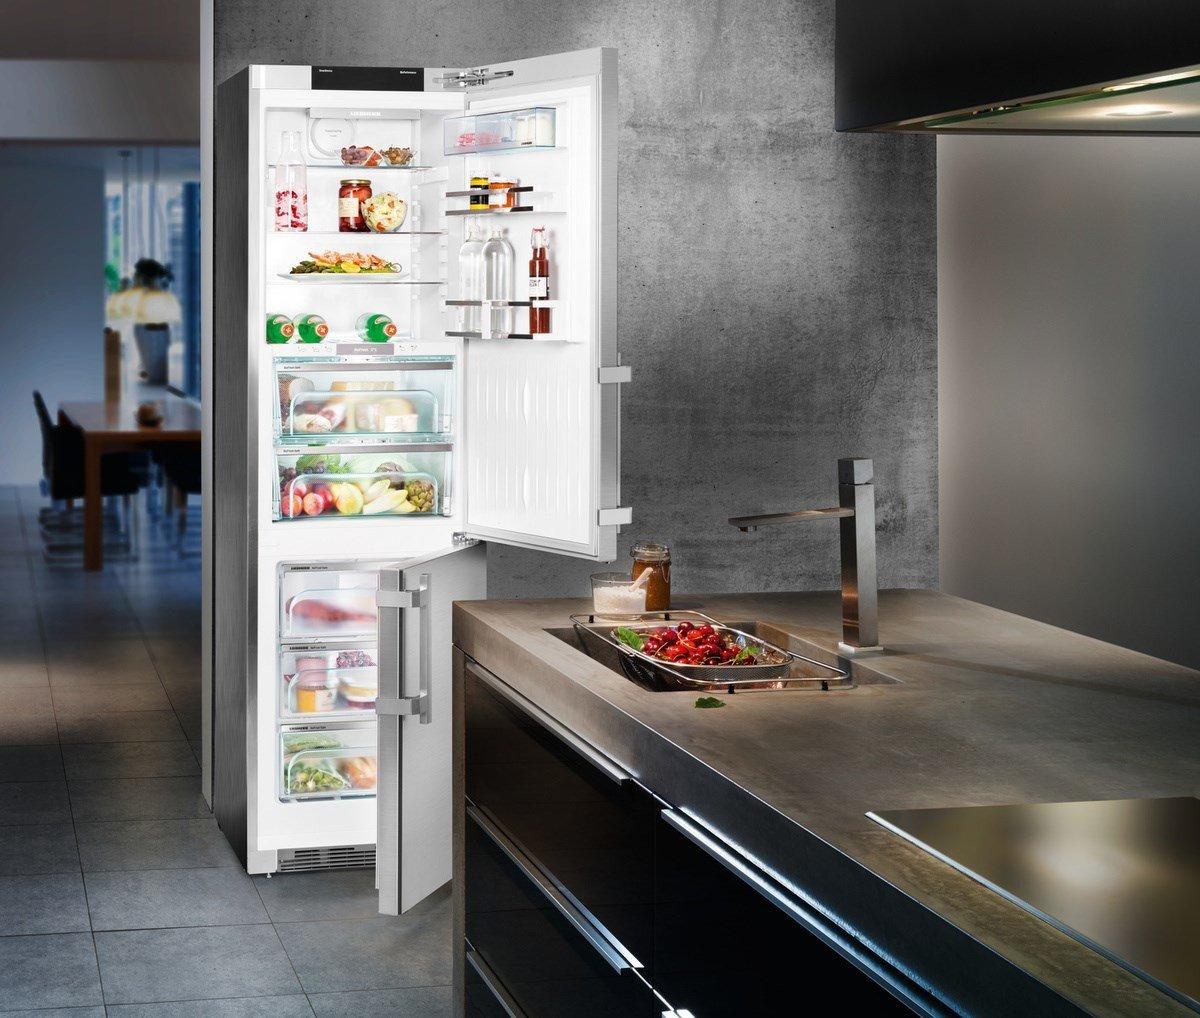 Не хуже иностранных: российские холодильники снова в моде